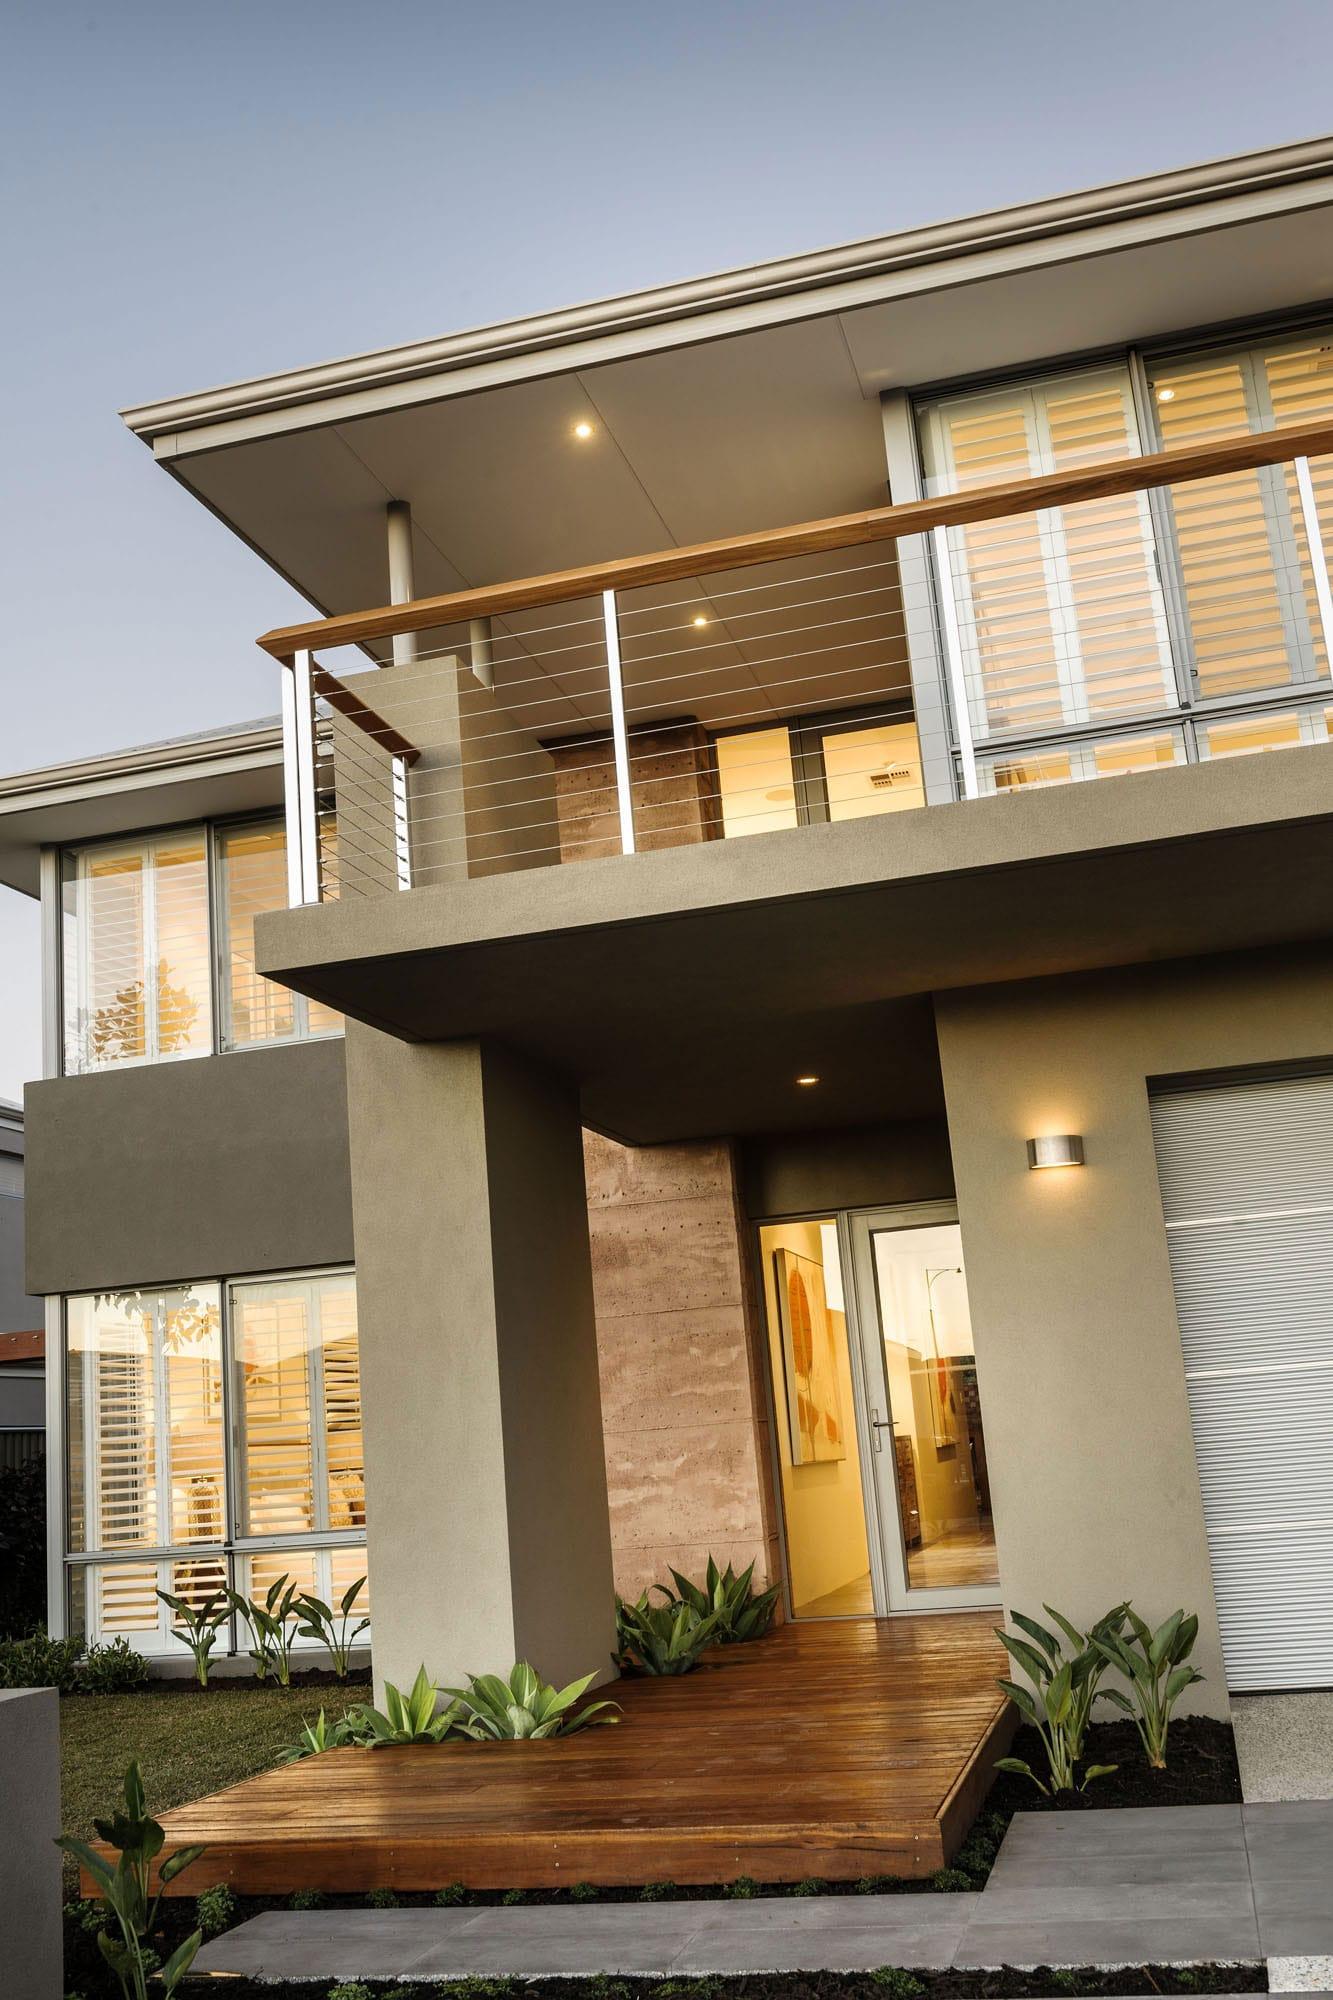 Dise o de casa moderna de dos pisos fachada e interiores for Pisos elegantes para casas